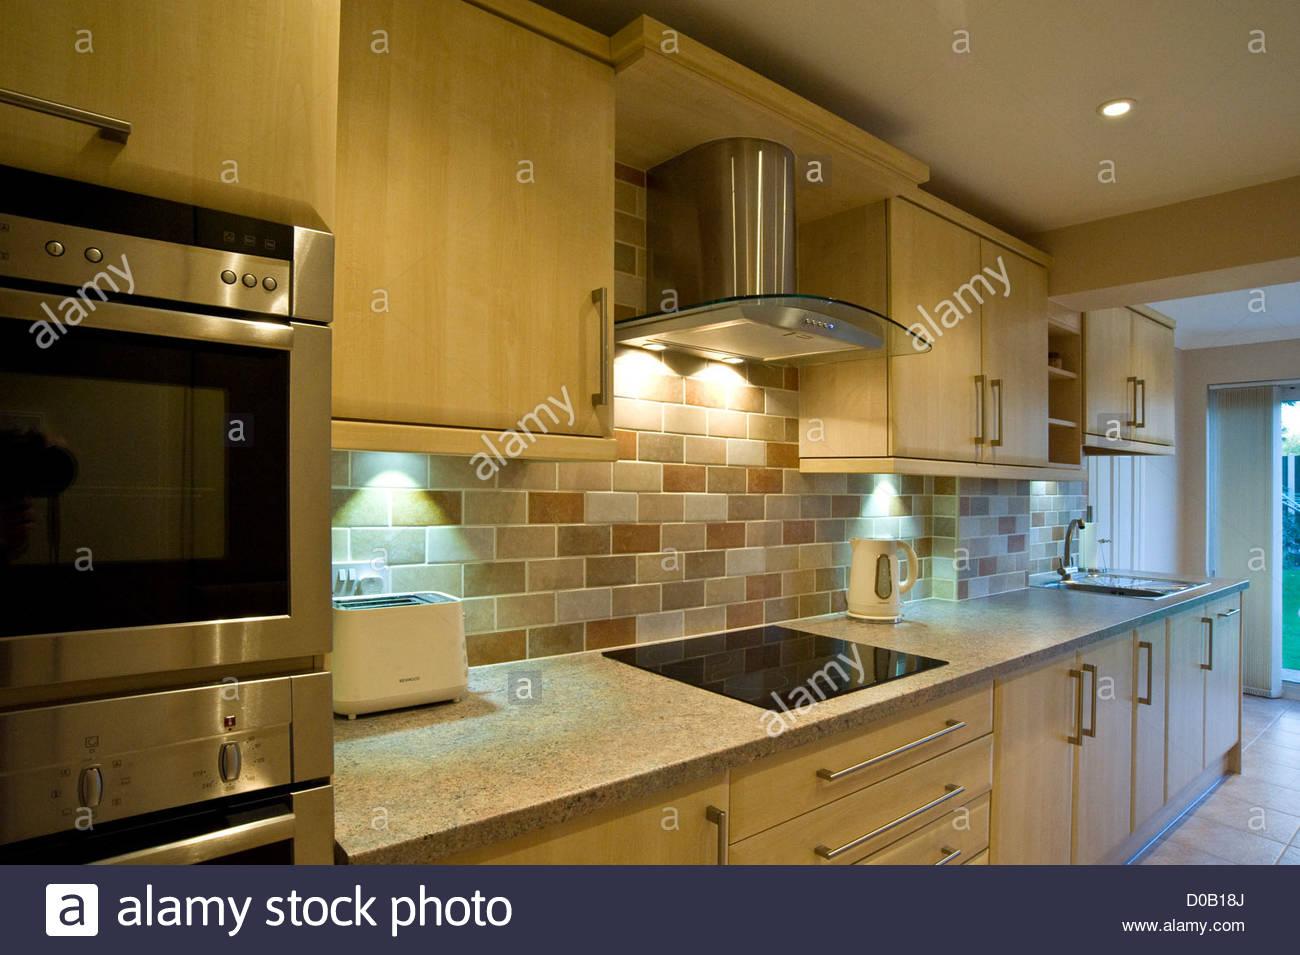 Nueva Cocina Mostrando Interior Cocina Microondas Vitrocer Mica  ~ Microondas Con Campana Extractora